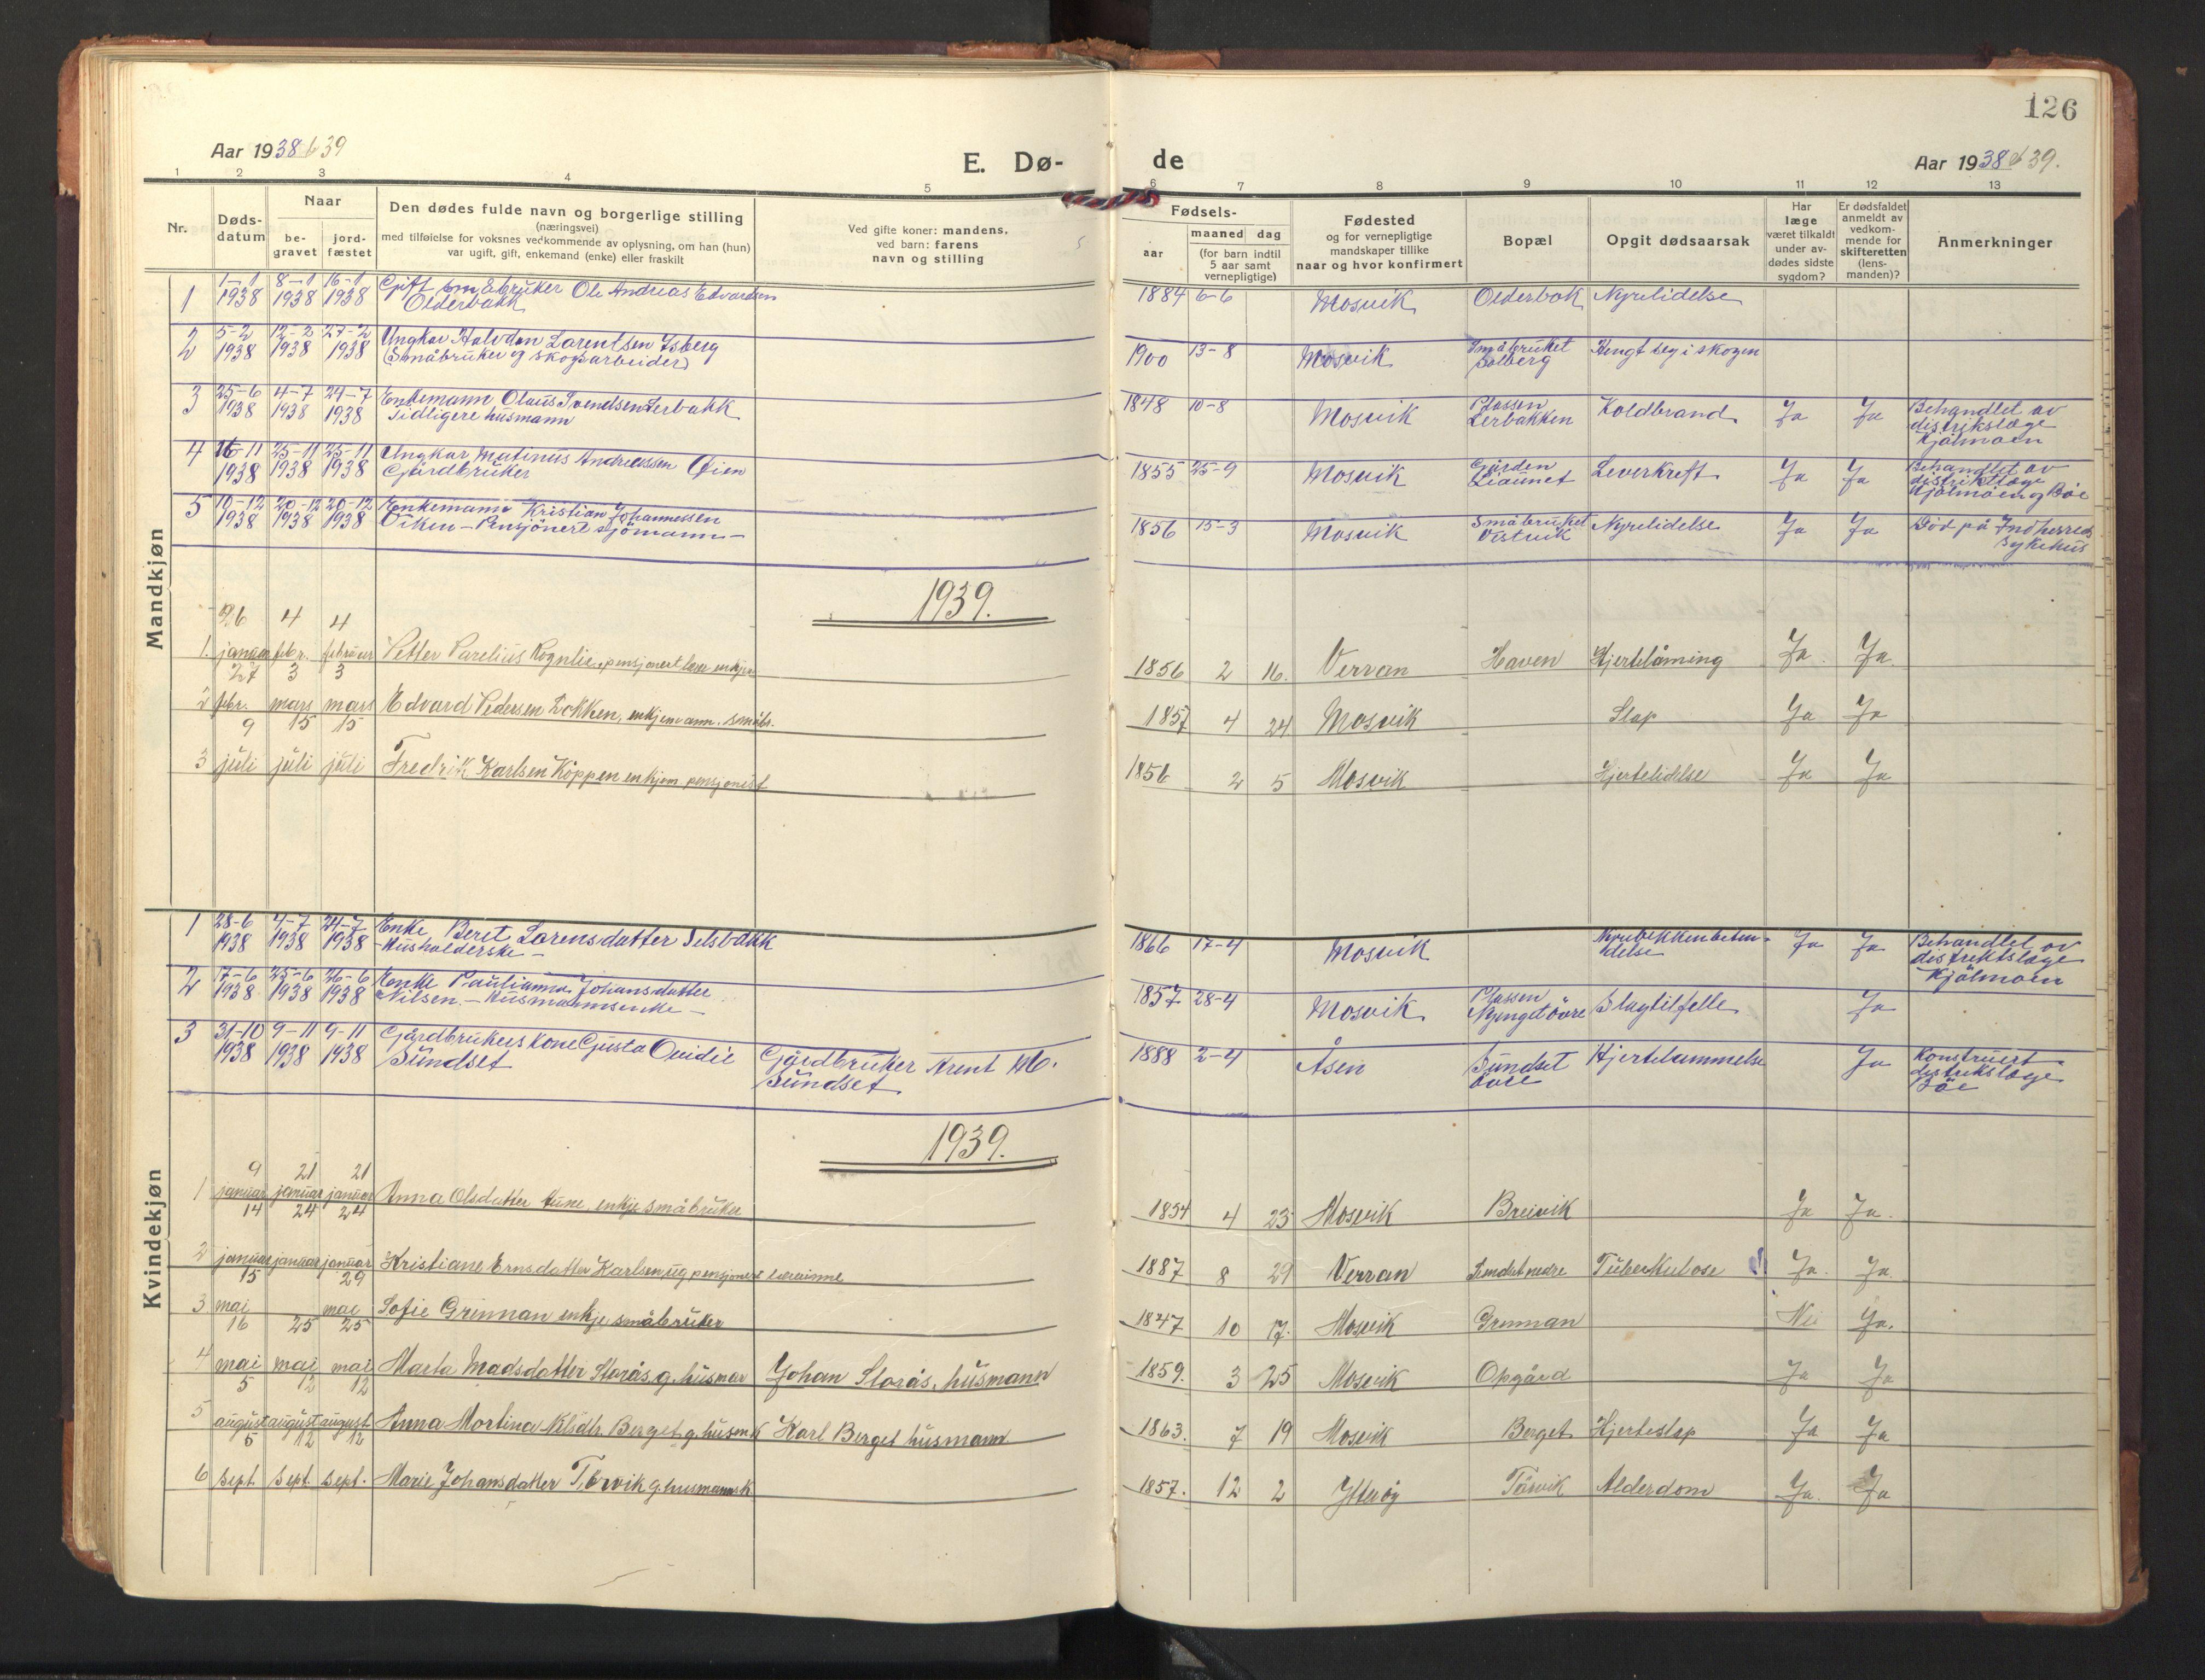 SAT, Ministerialprotokoller, klokkerbøker og fødselsregistre - Nord-Trøndelag, 733/L0328: Klokkerbok nr. 733C03, 1919-1966, s. 126